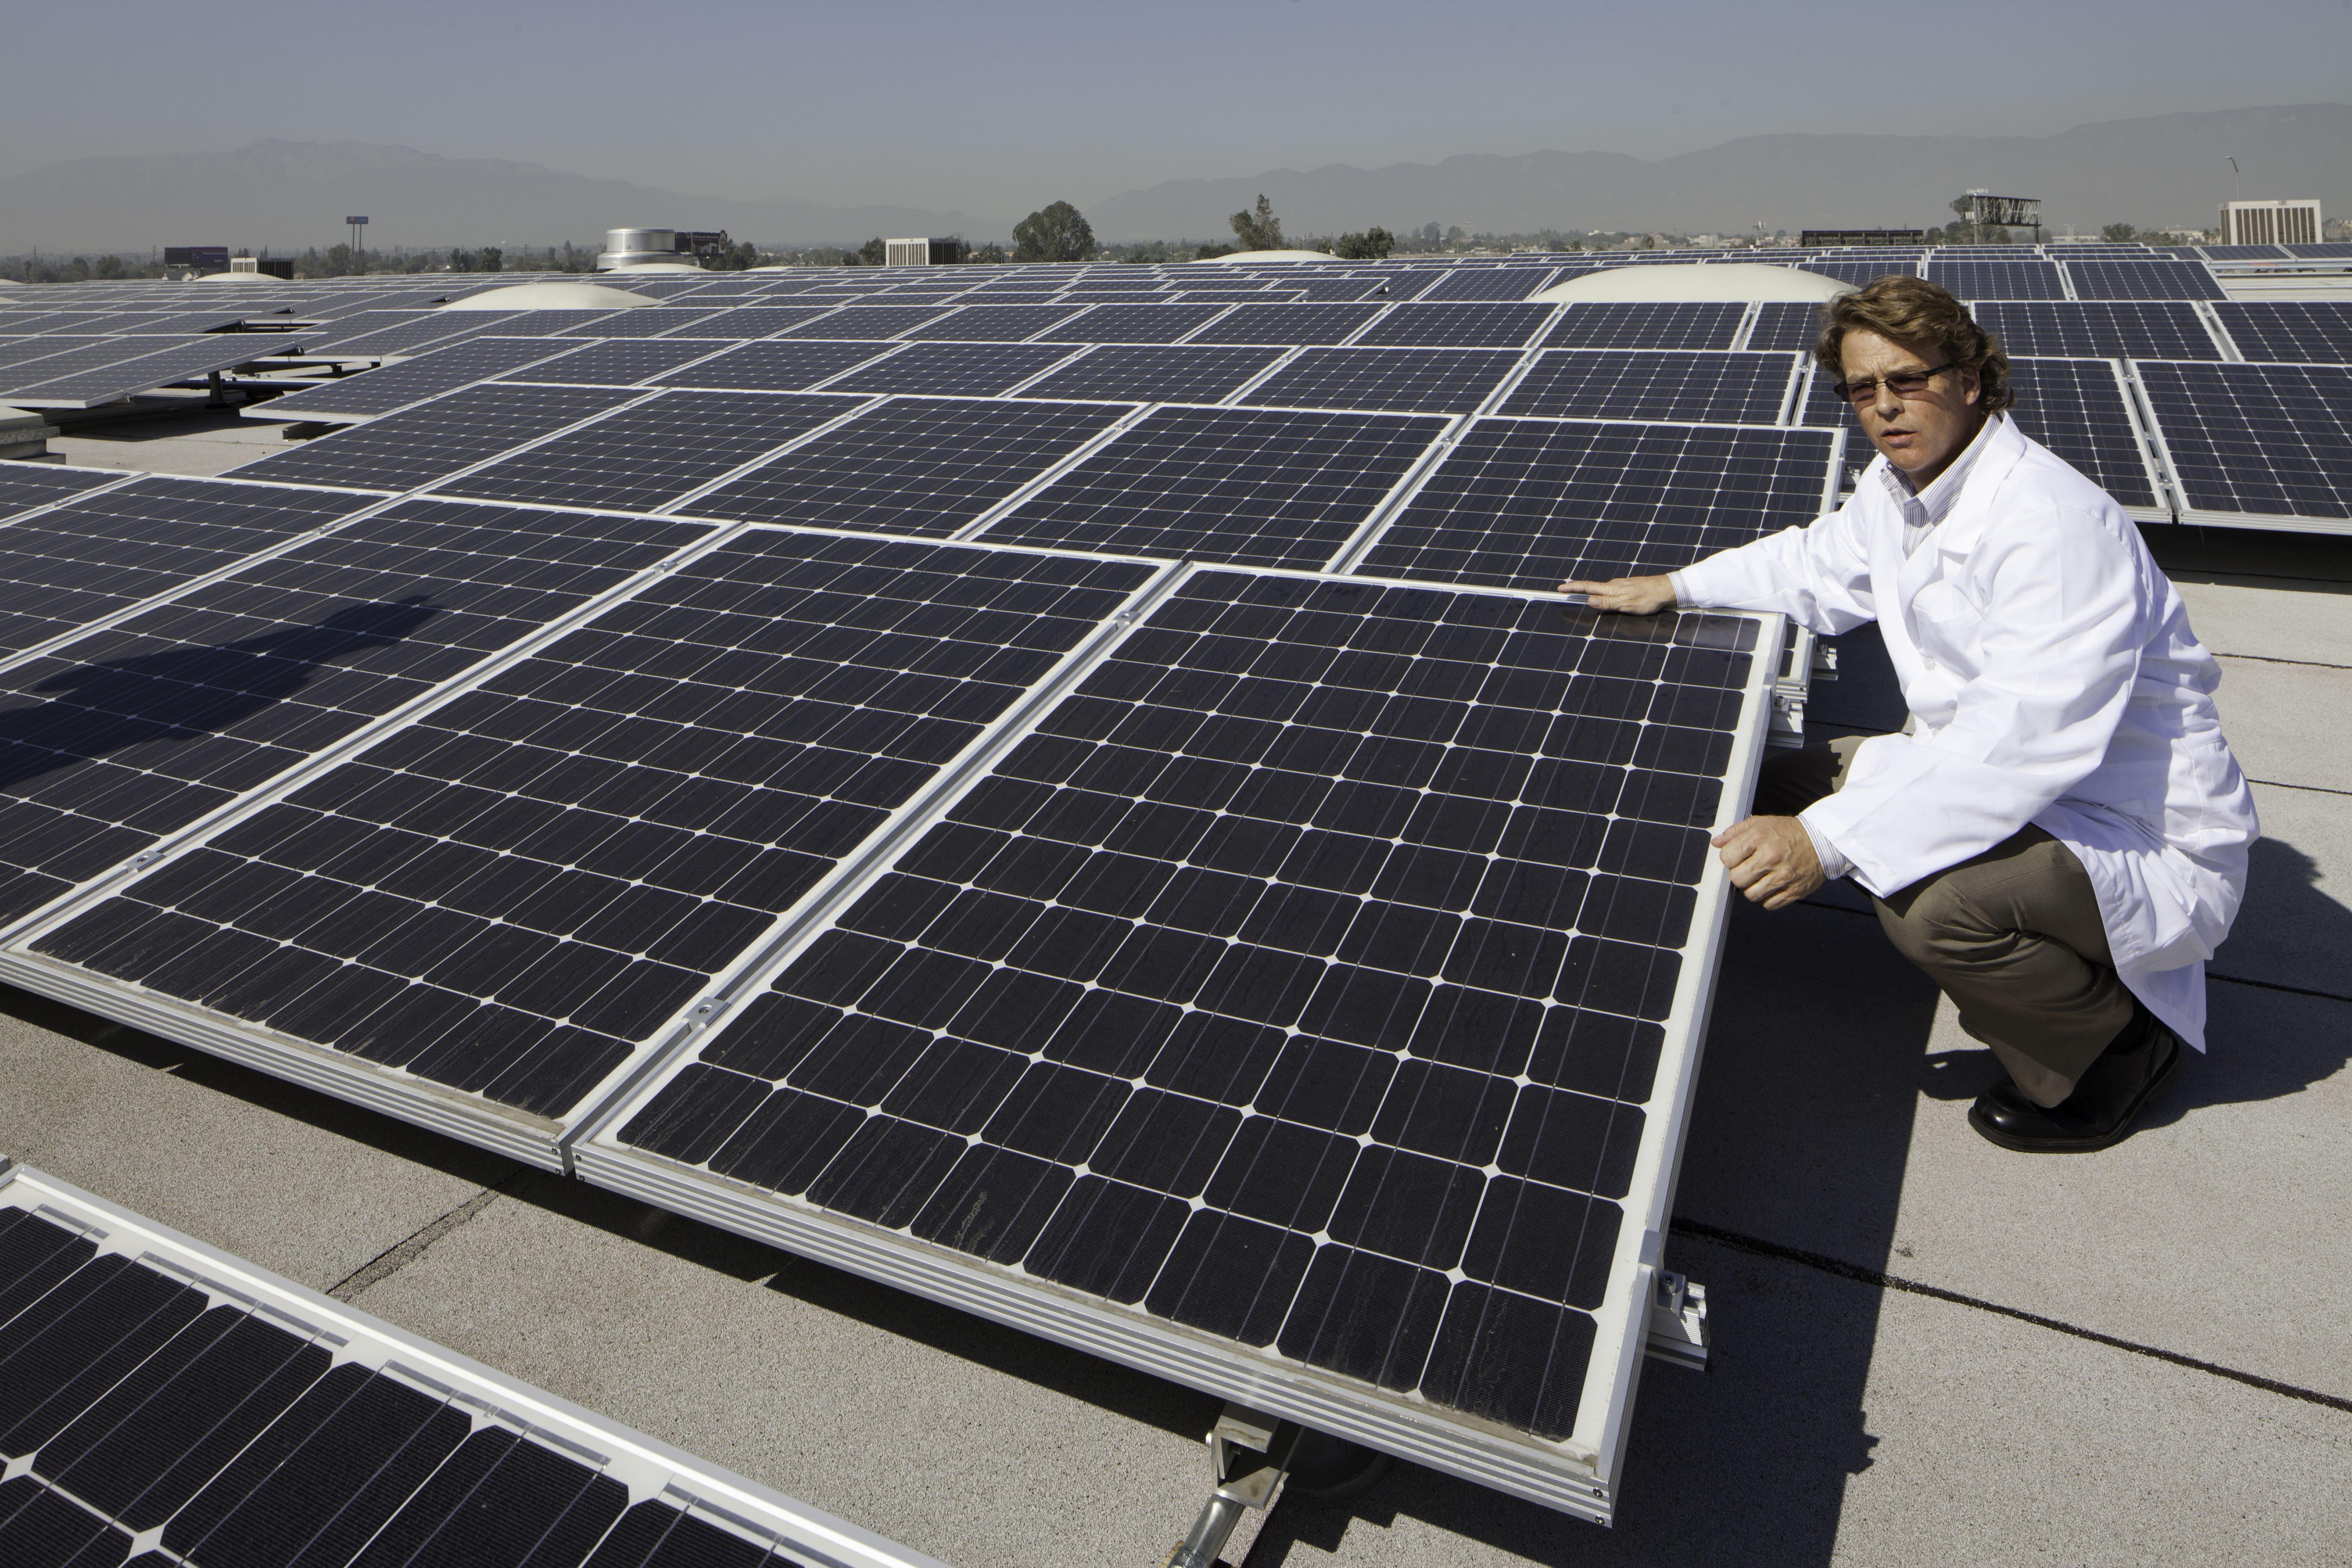 ייצור חשמל סולרי – המודל העסקי